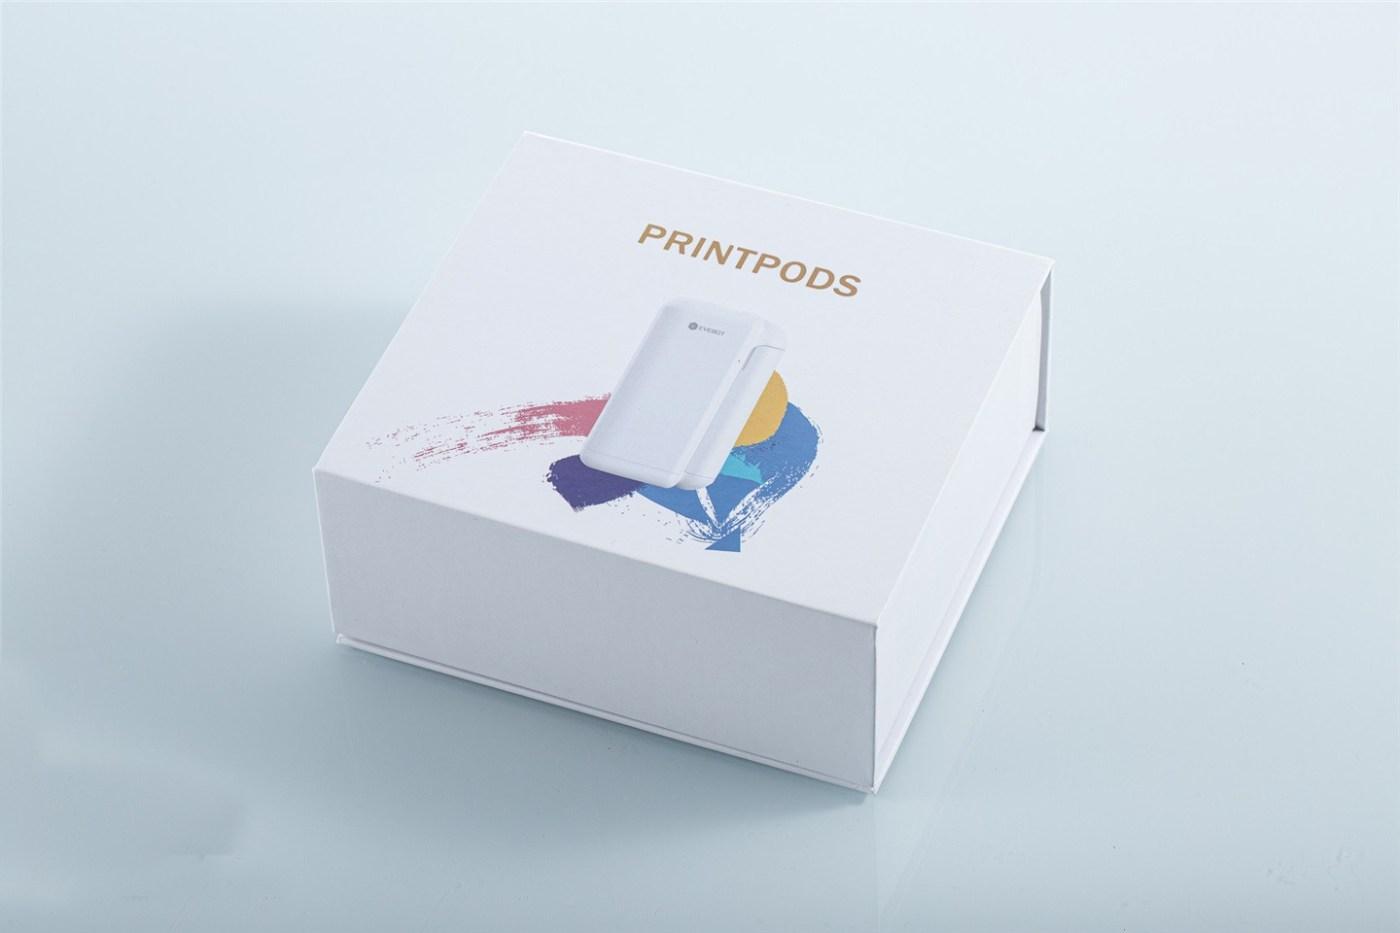 PrintPods handheld DIY printer